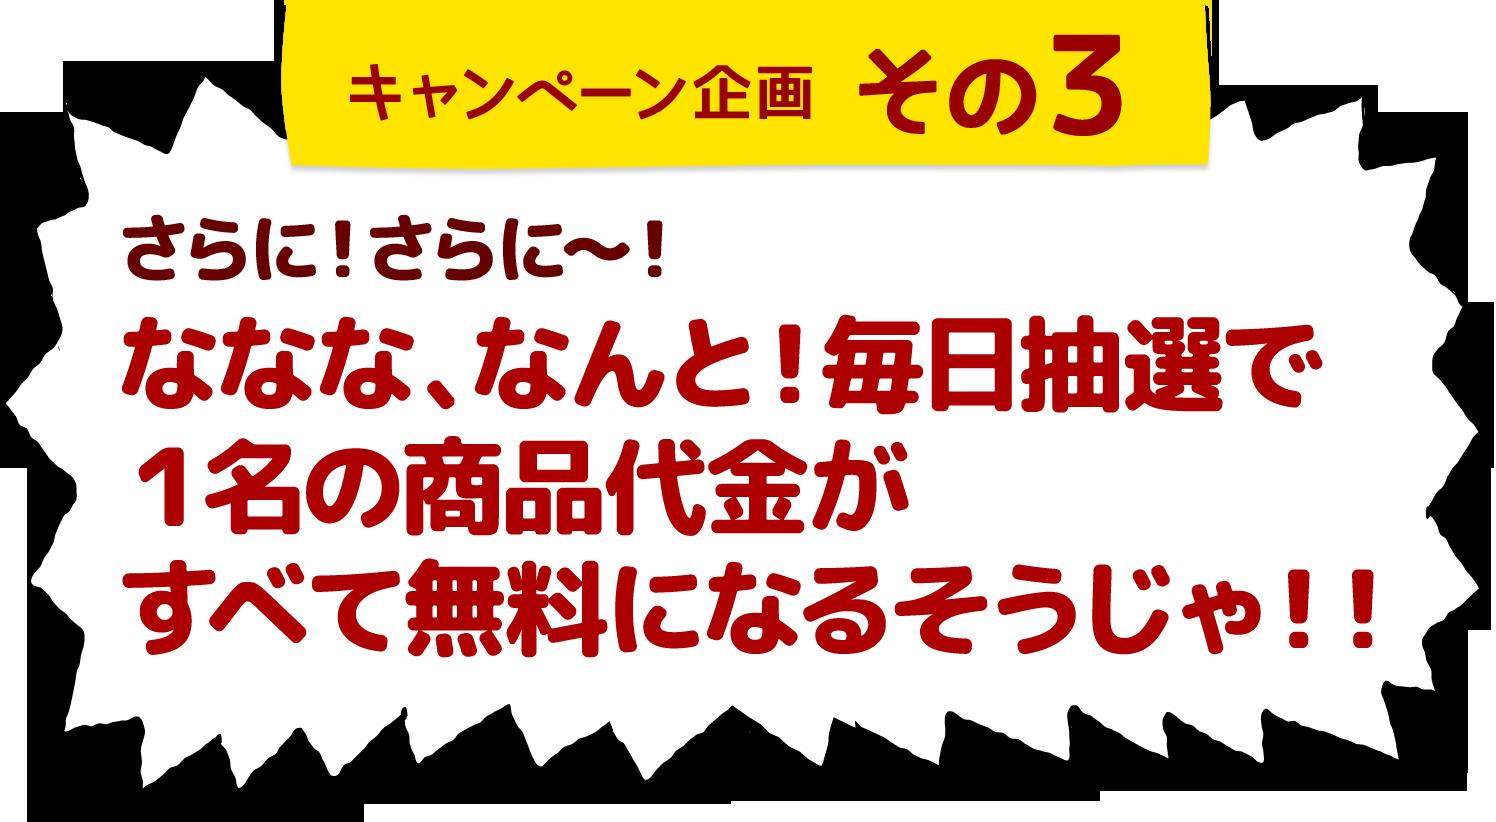 キャンペーン企画その3、さらに!さらに!もいっちょ特典じゃ!1万円以上ご購入の方には「おやすみ羊のアイピロー」もプレゼントしちゃうぞい!